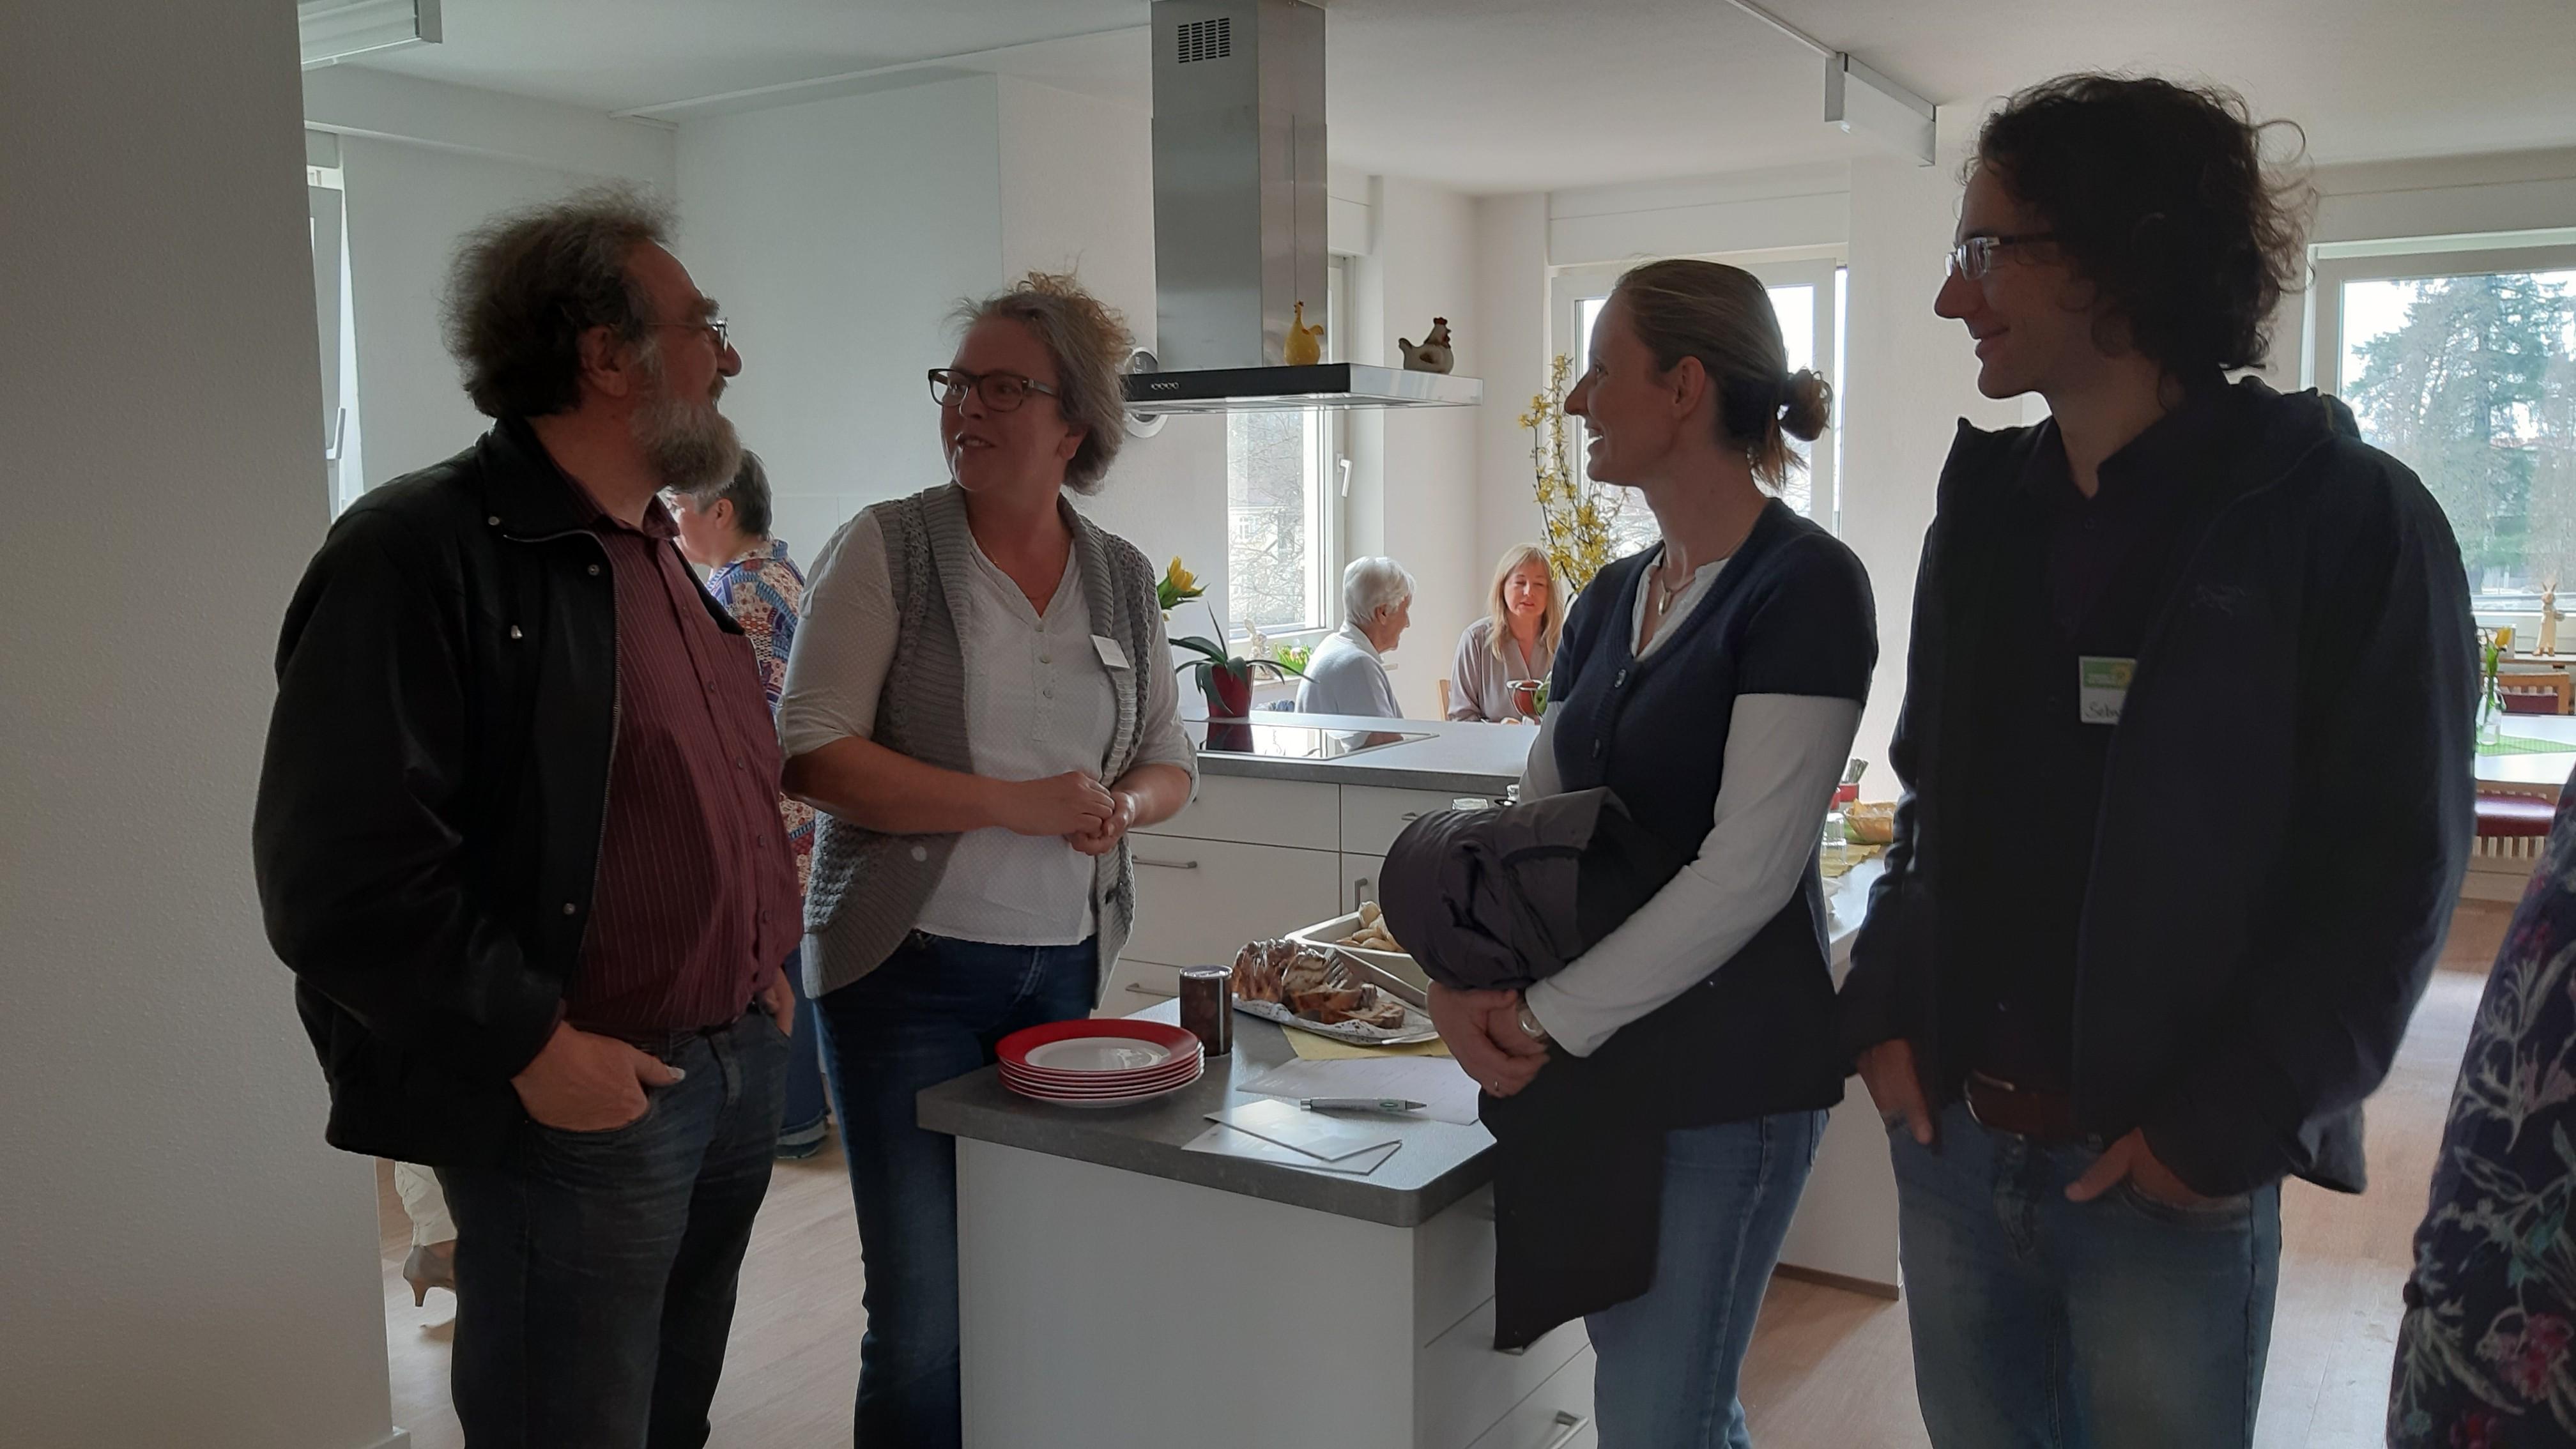 Herr Straub, Frau Merschhemke und Herr Prigge Im Gespräch mit einer Alltagsassistentin in einer Gemeinschaftsküche des Seniorenhauses Schopfheim